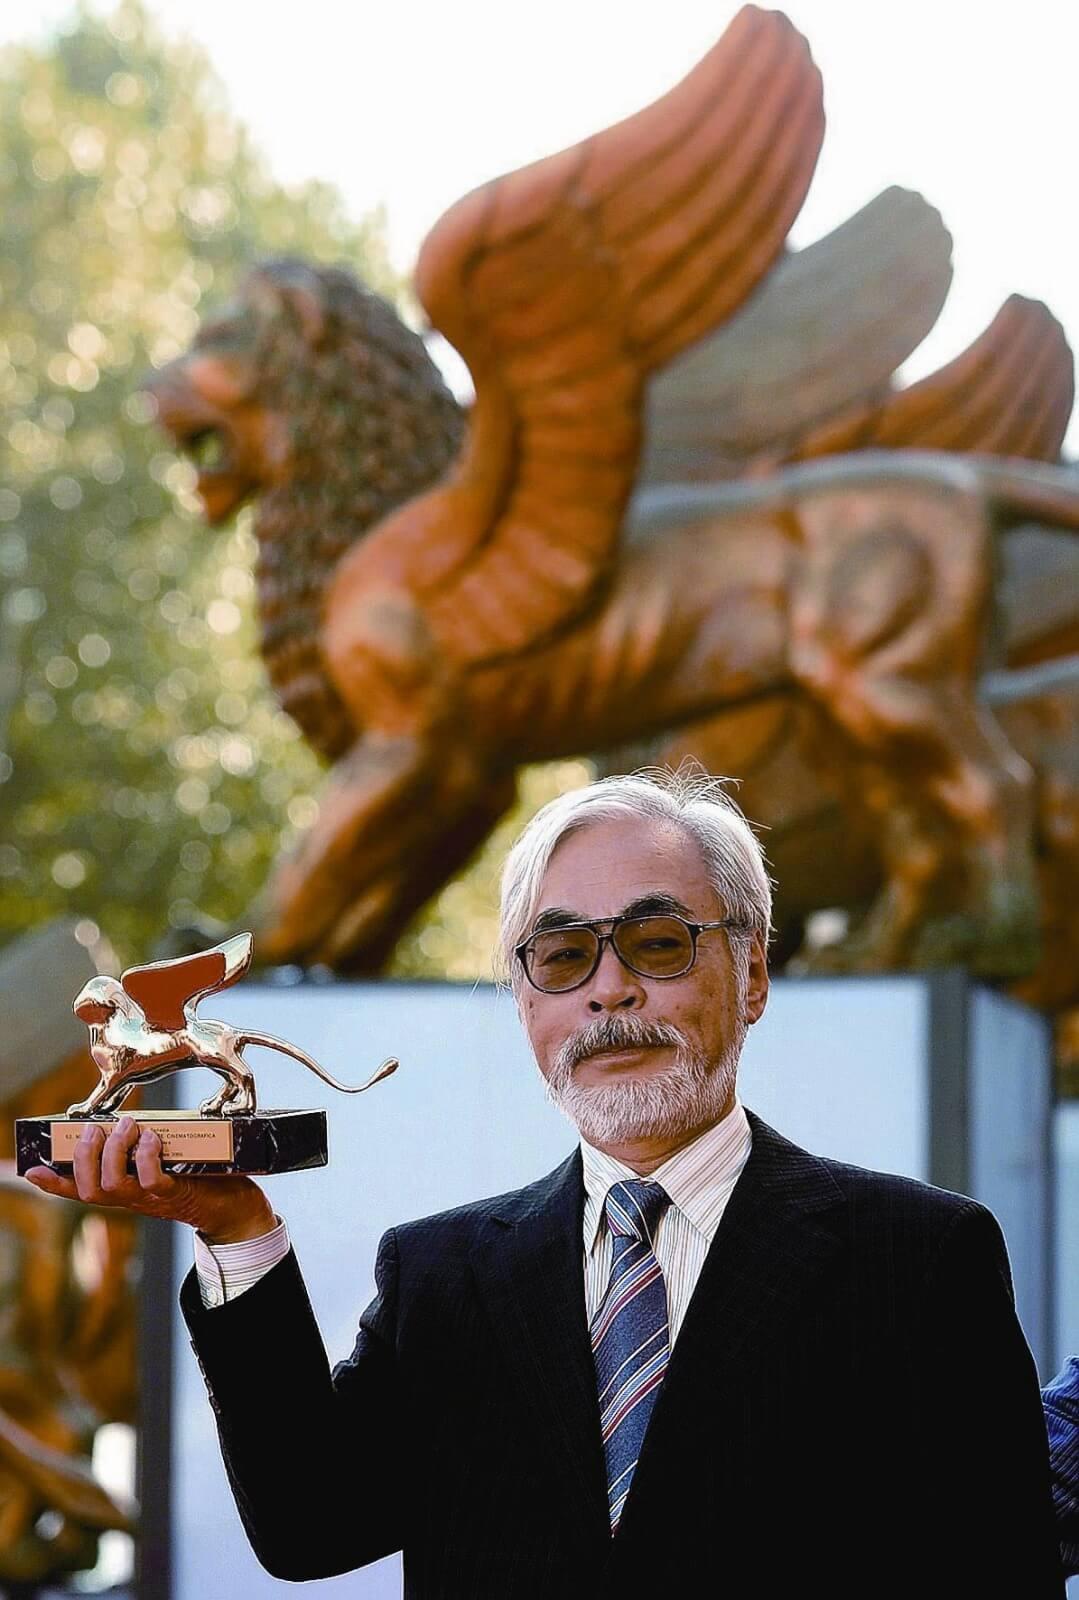 日本動畫大師宮崎駿獲頒「終身成就獎」,他不認為此獎是頒給退休老人,更直言至今尚未有一部滿意的作品,積極追求完美境界,是其成功的重要因素。